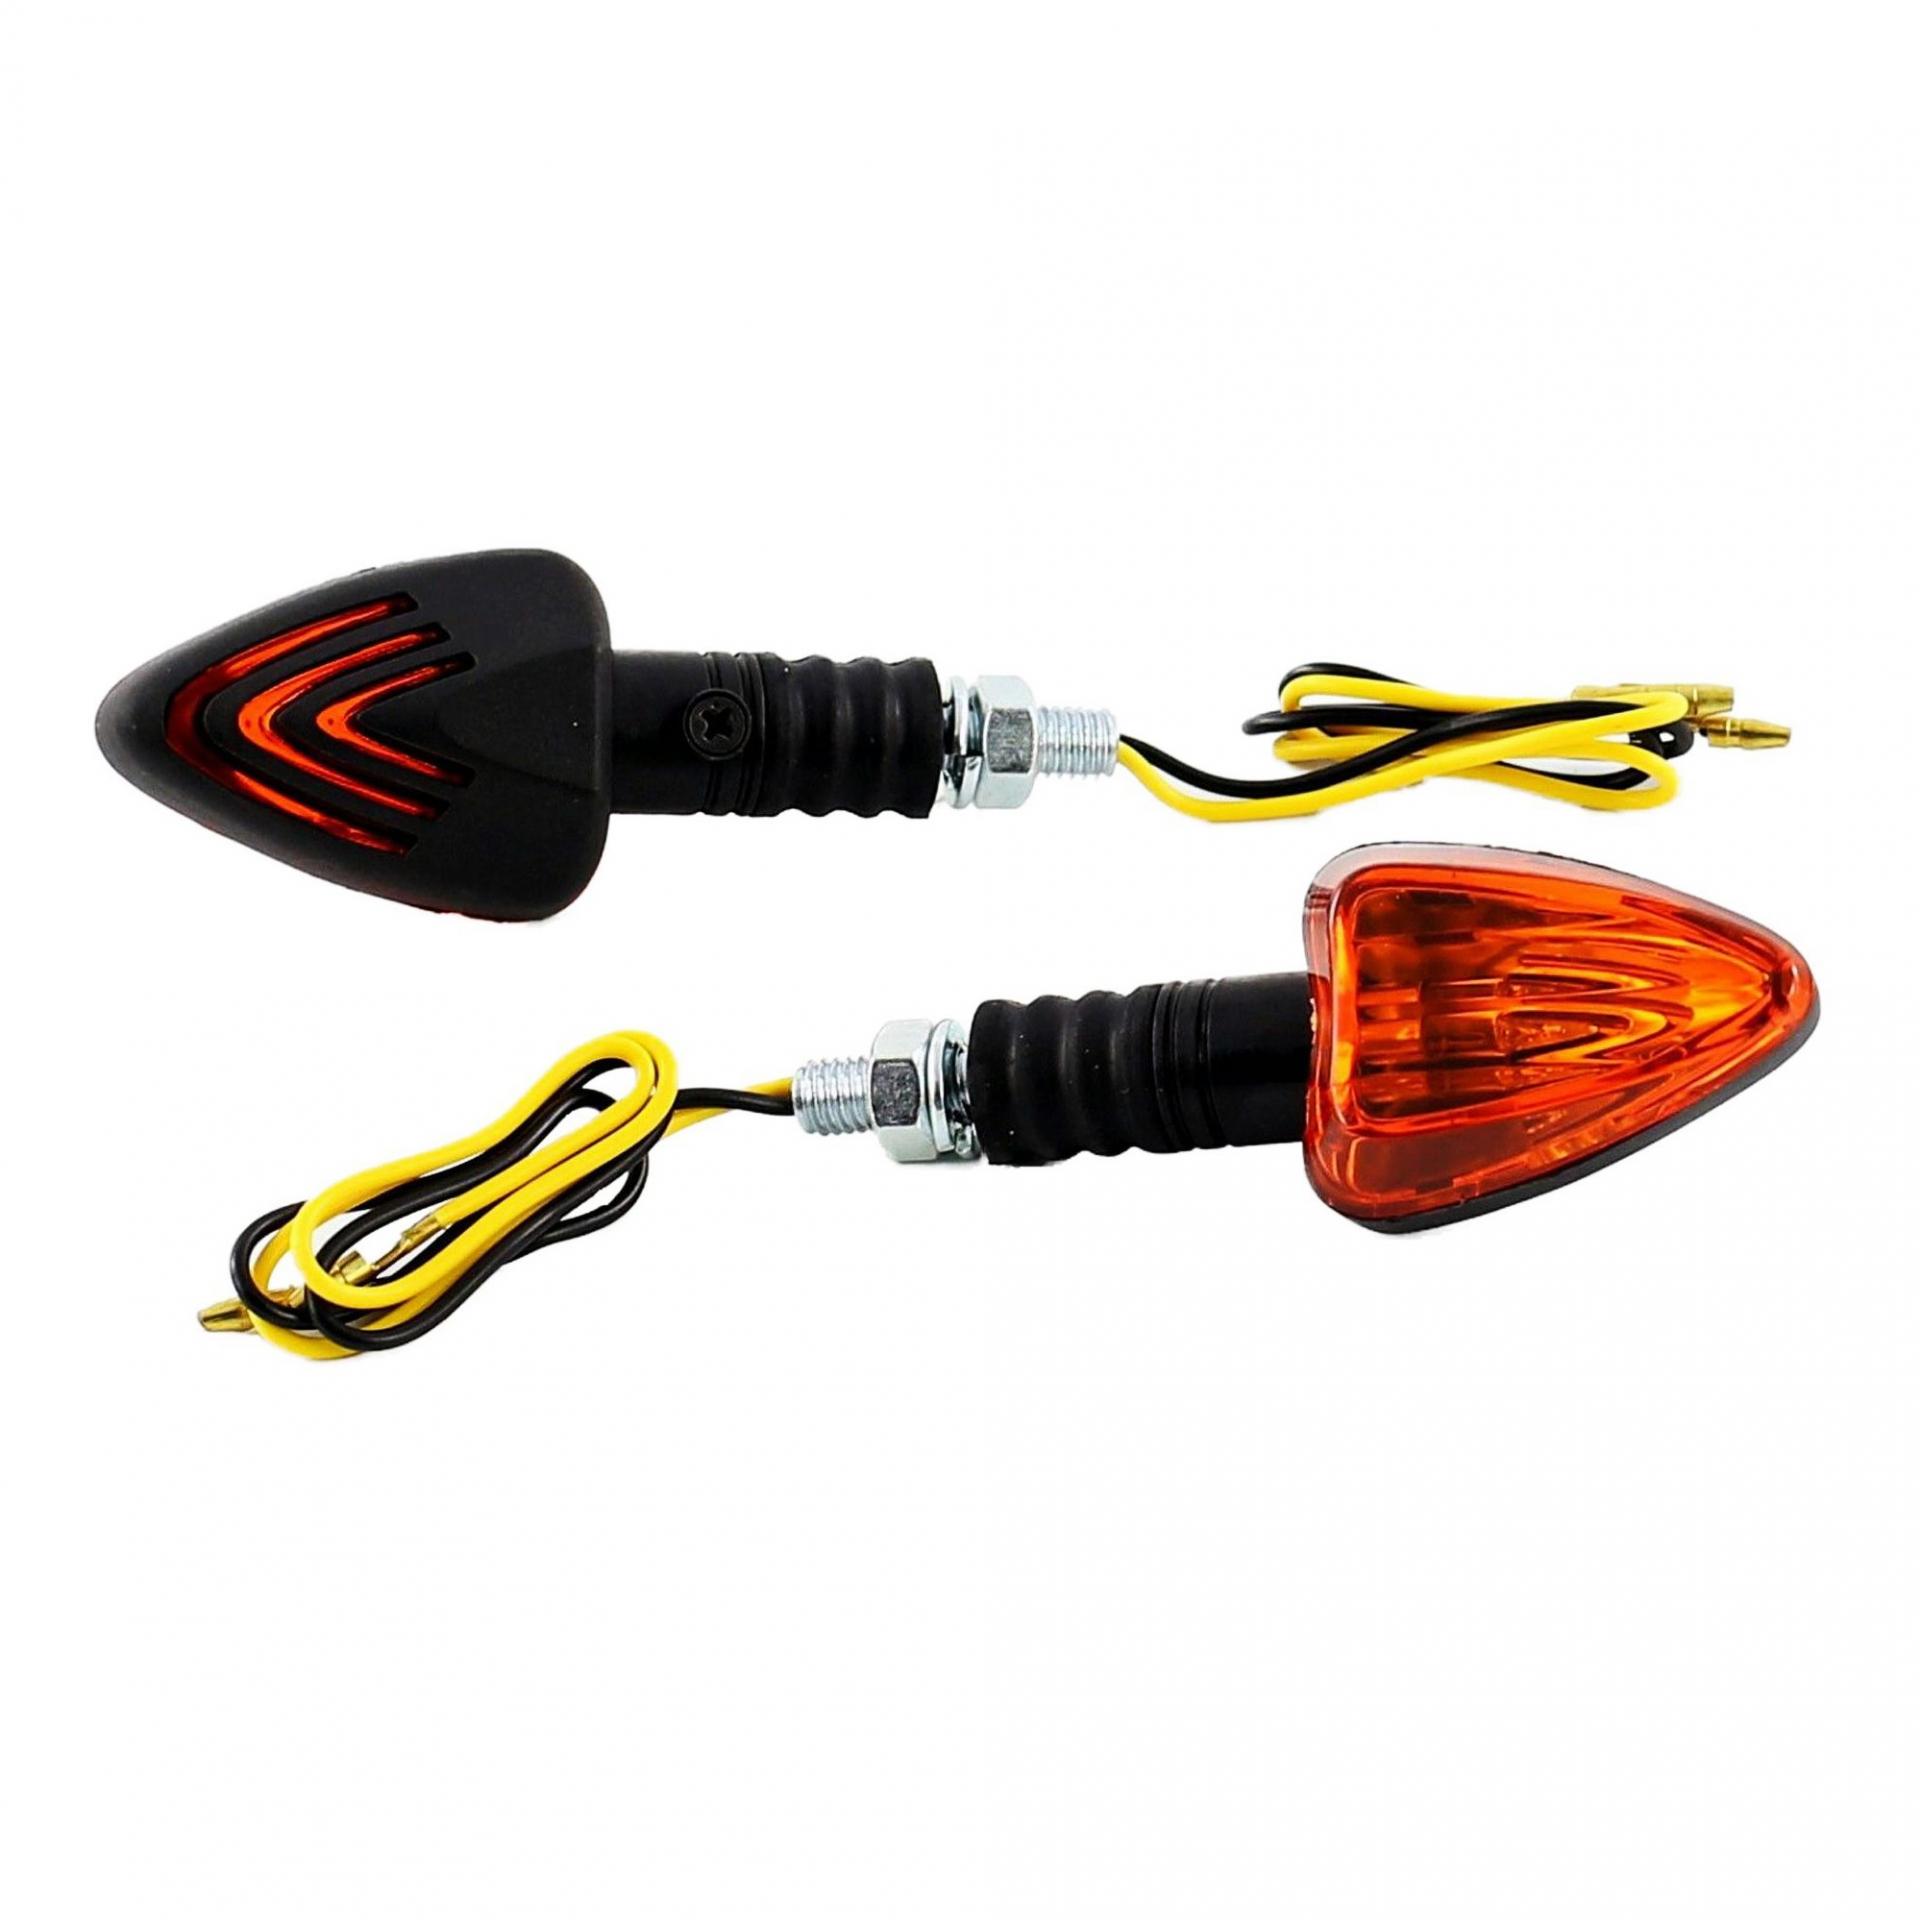 Clignotants Replay mini triangle orange/noir à ampoule